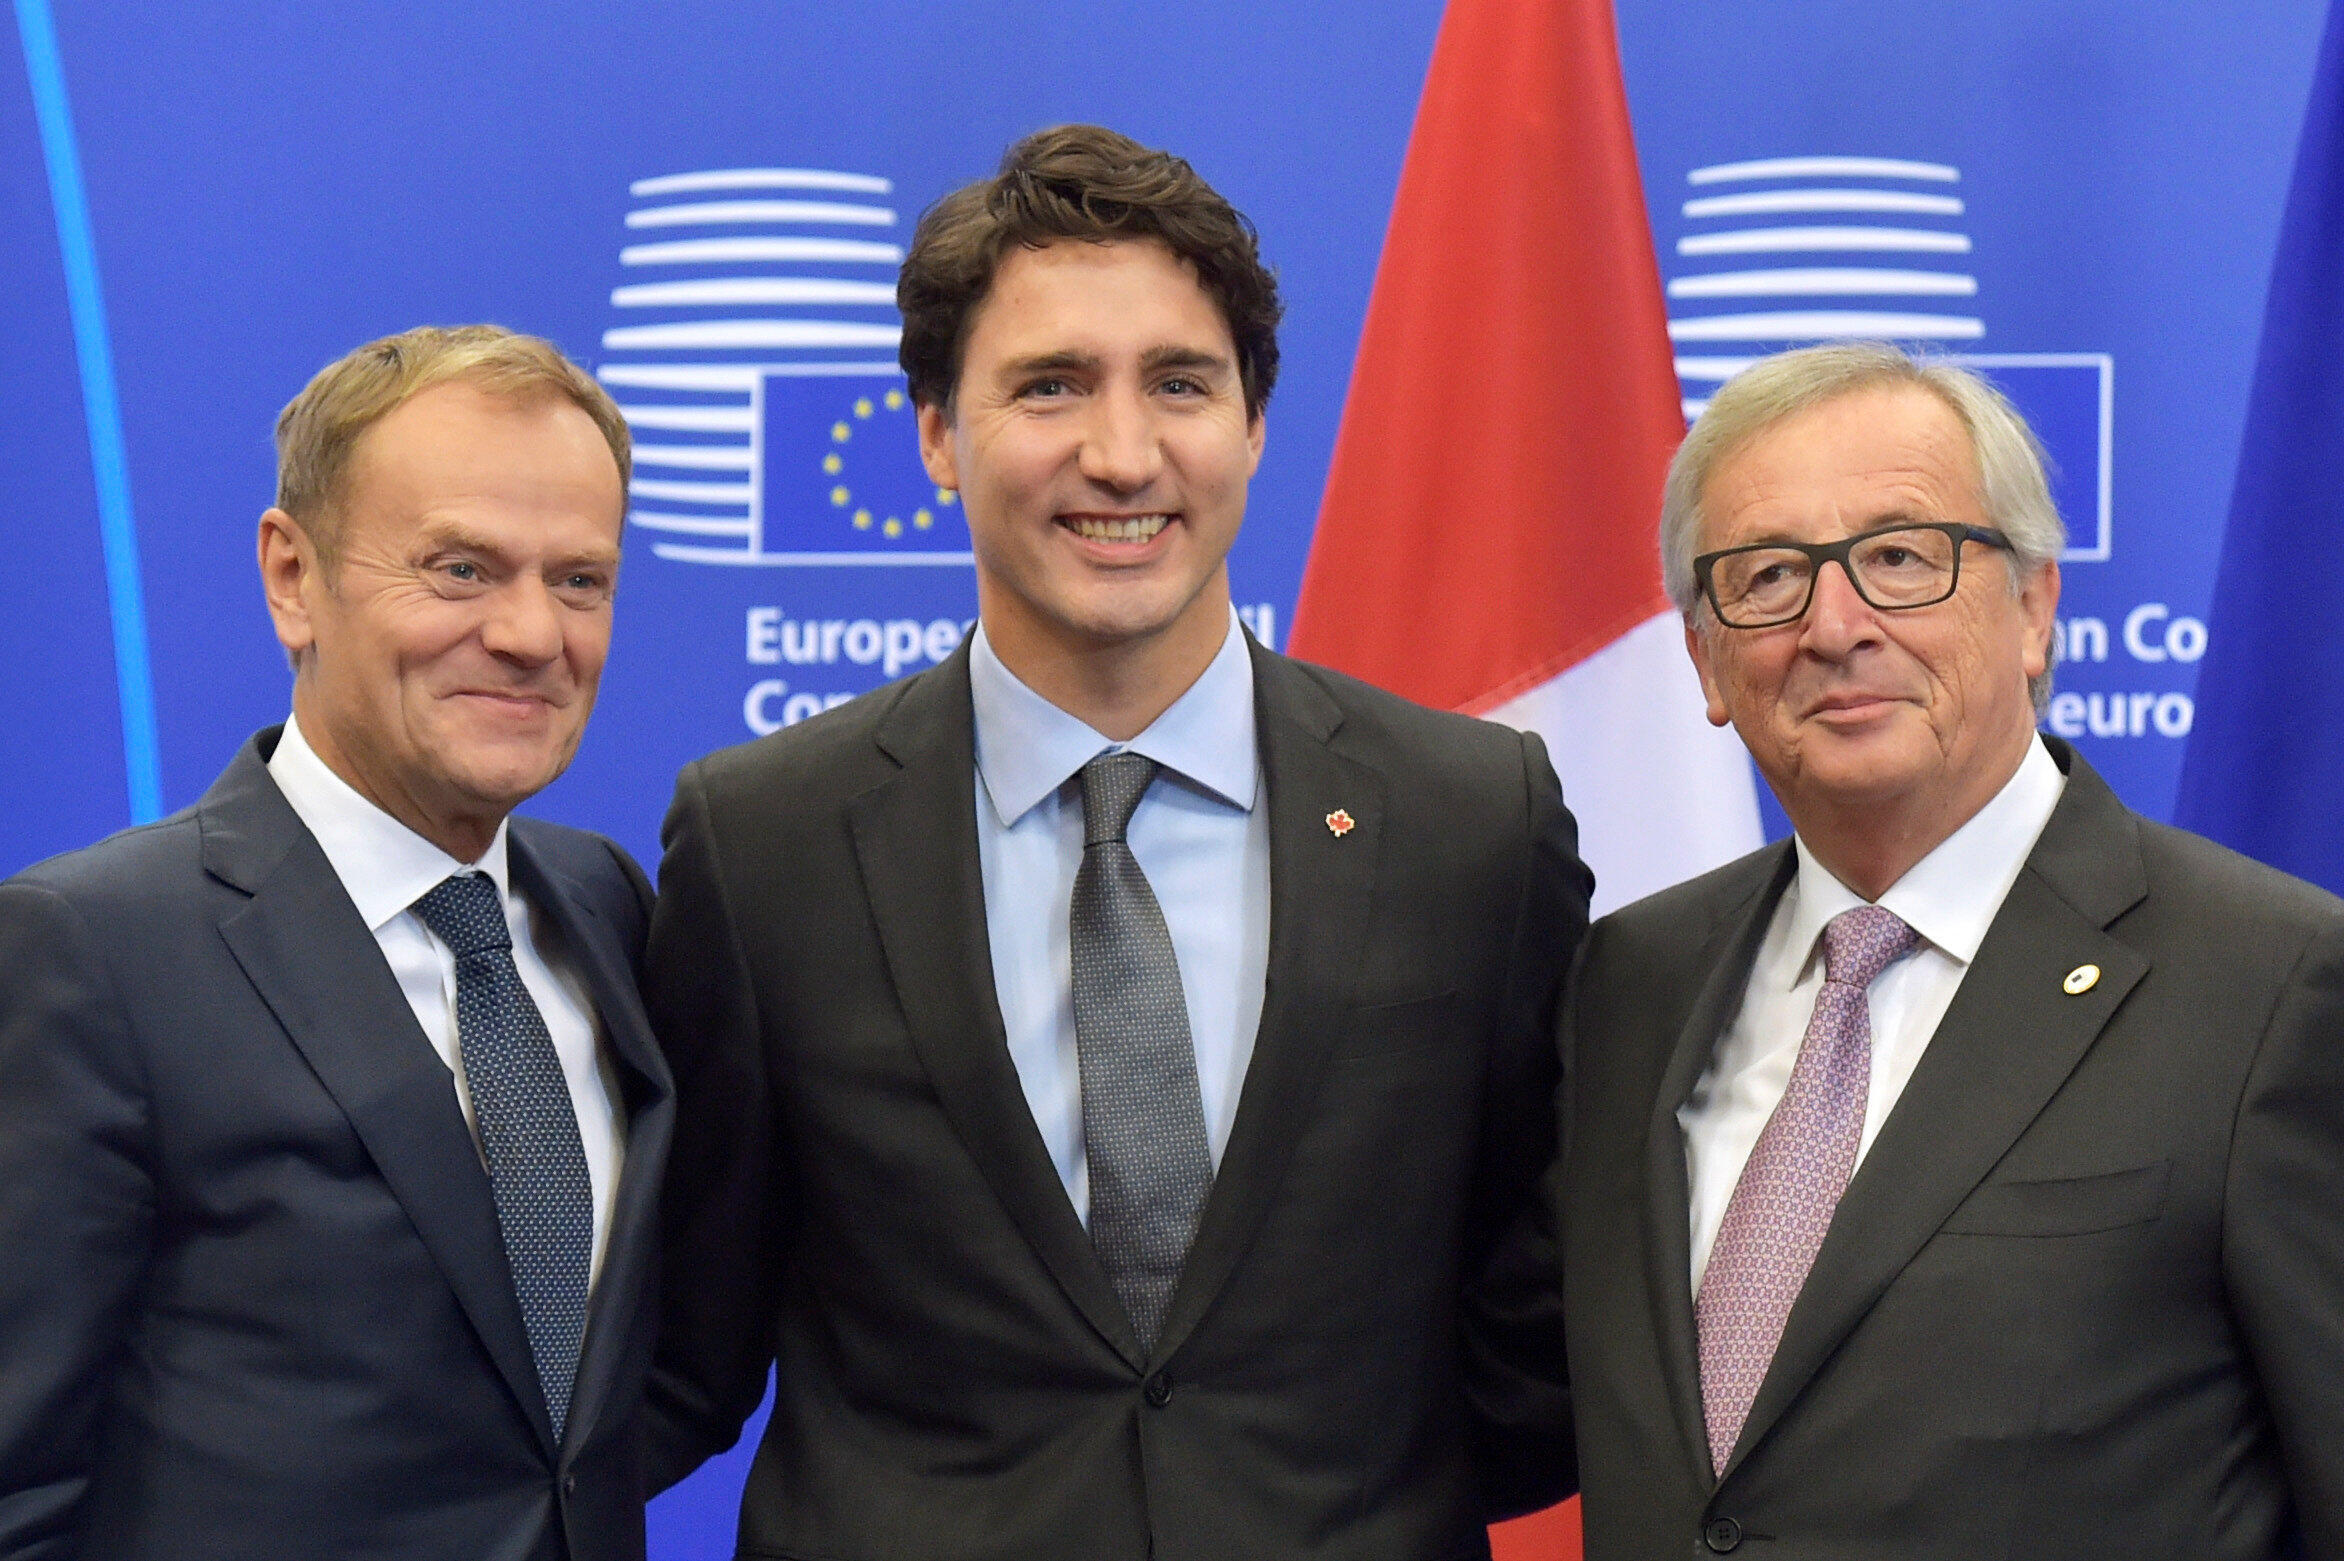 Thủ tướng Canada Justin Trudeau (giữa), chủ tịch Hội Đồng Châu Âu Donald Tusk (trái) và chủ tịch Ủy Ban Châu Âu Jean-Claude Juncker trước khi ký hiệp định CETA tại Bruxelles ngày 30/10/2016.